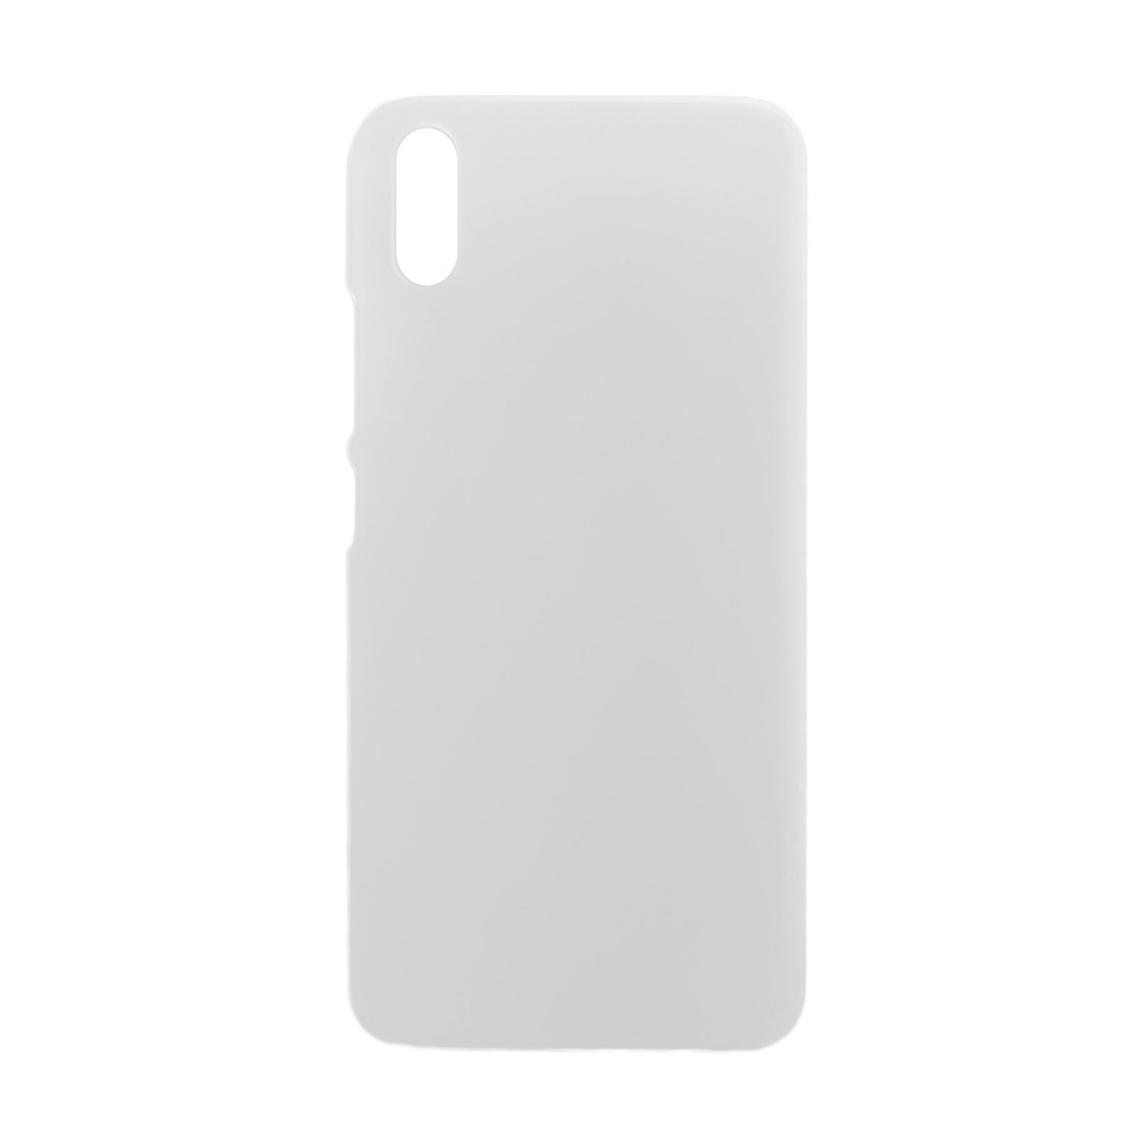 Чехол для смартфона Vivo V11, полупрозрачный